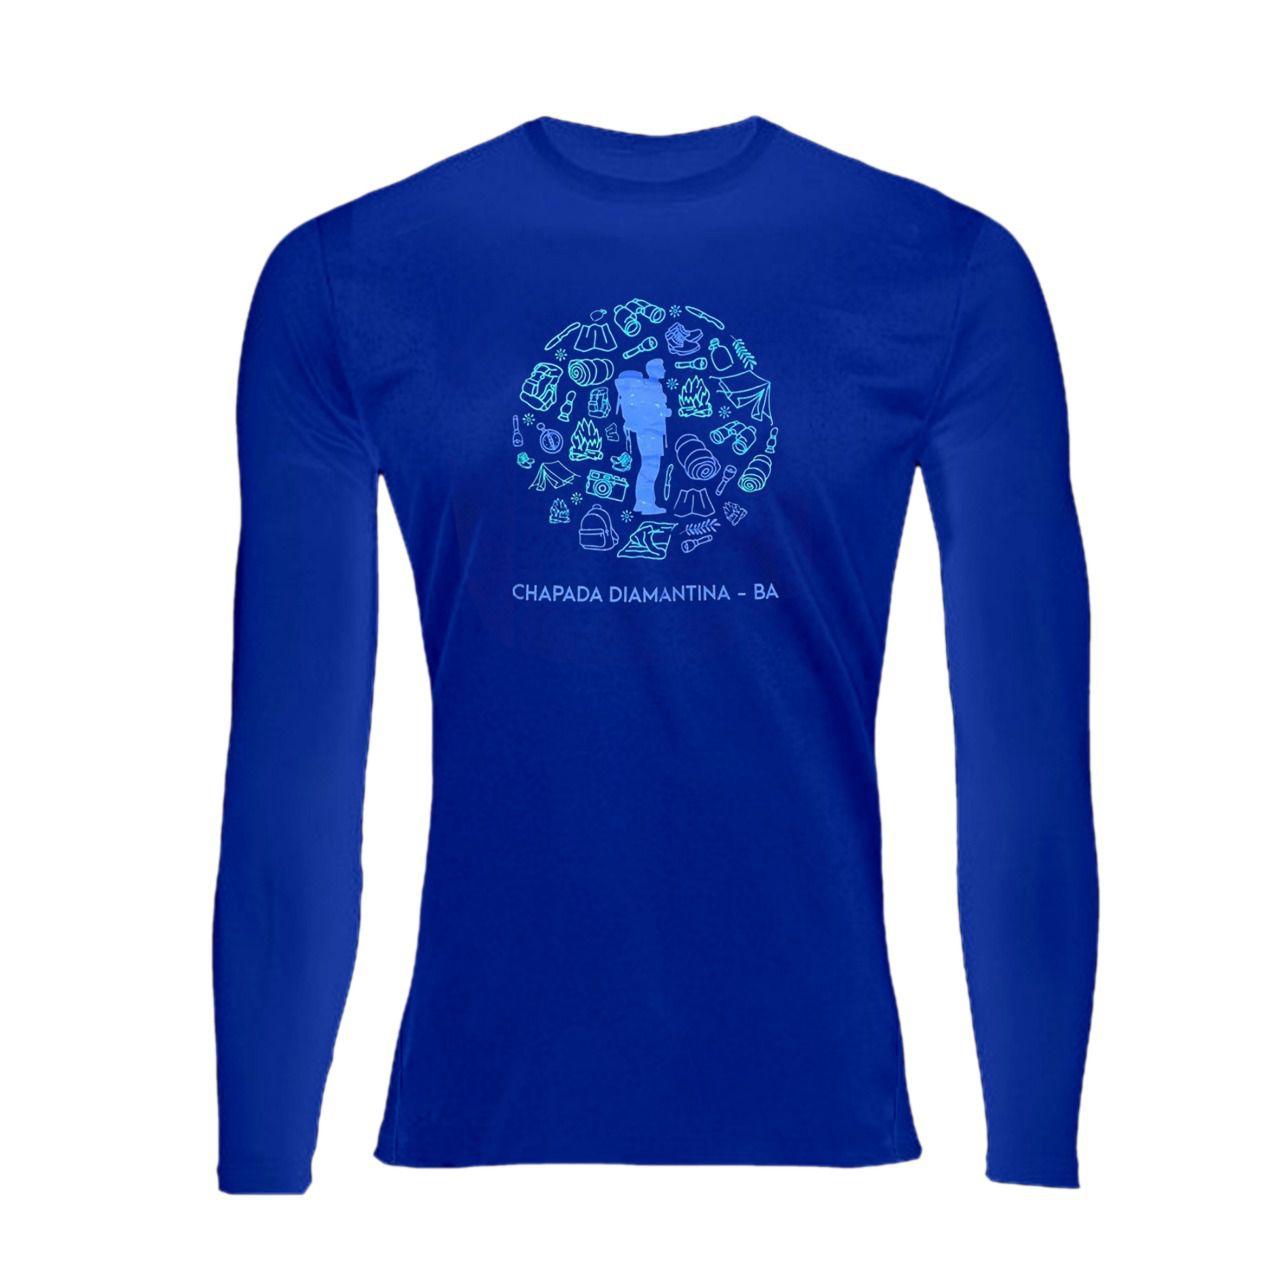 Camiseta UV 50+ Manga Longa - Andarilho  - EMPÓRIO CHAPADA DIAMANTINA